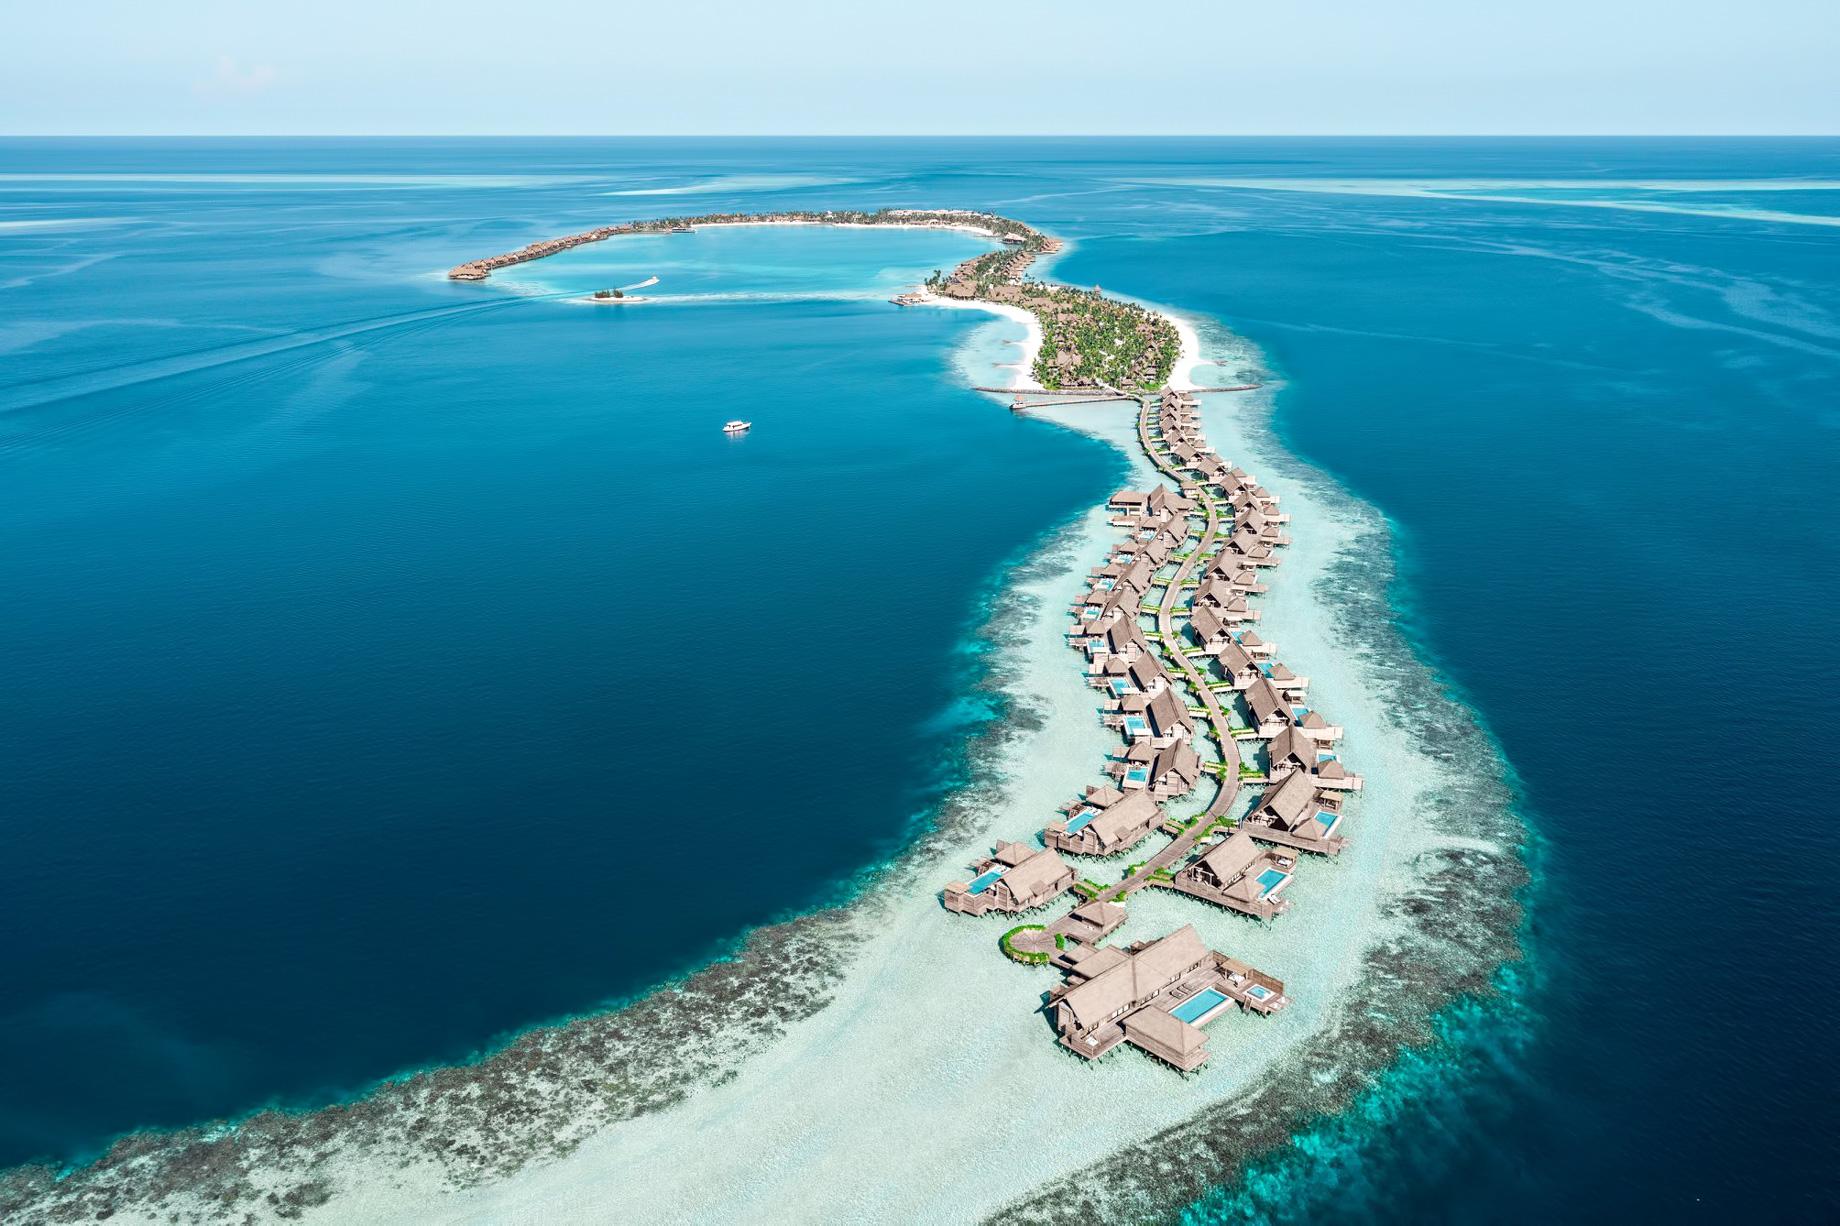 Waldorf Astoria Maldives Ithaafushi Luxury Resort – Ithaafushi Island, Maldives – Resort Aerial View